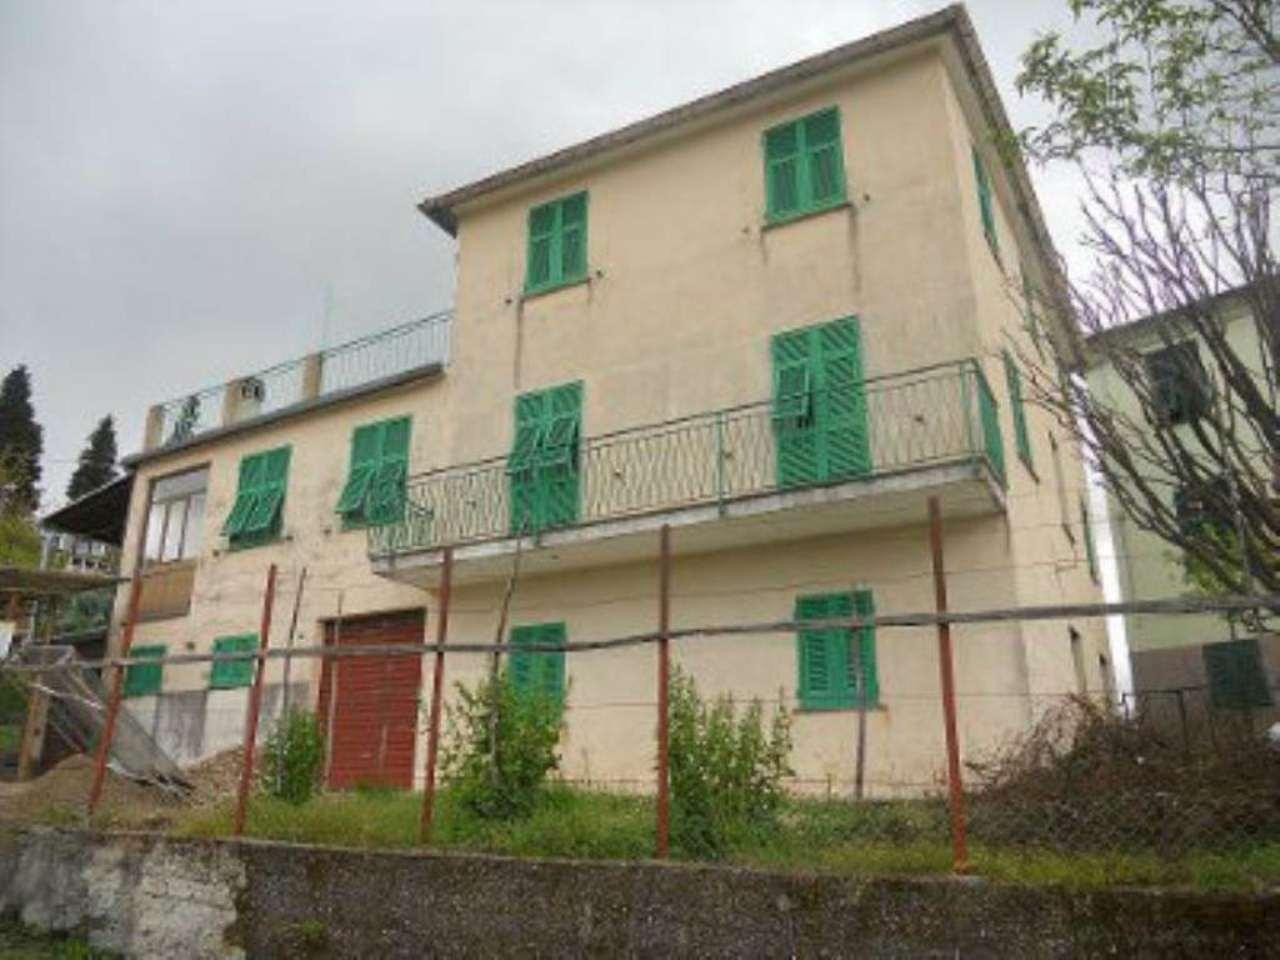 Magazzino in vendita a Cicagna, 9999 locali, prezzo € 39.000 | Cambio Casa.it